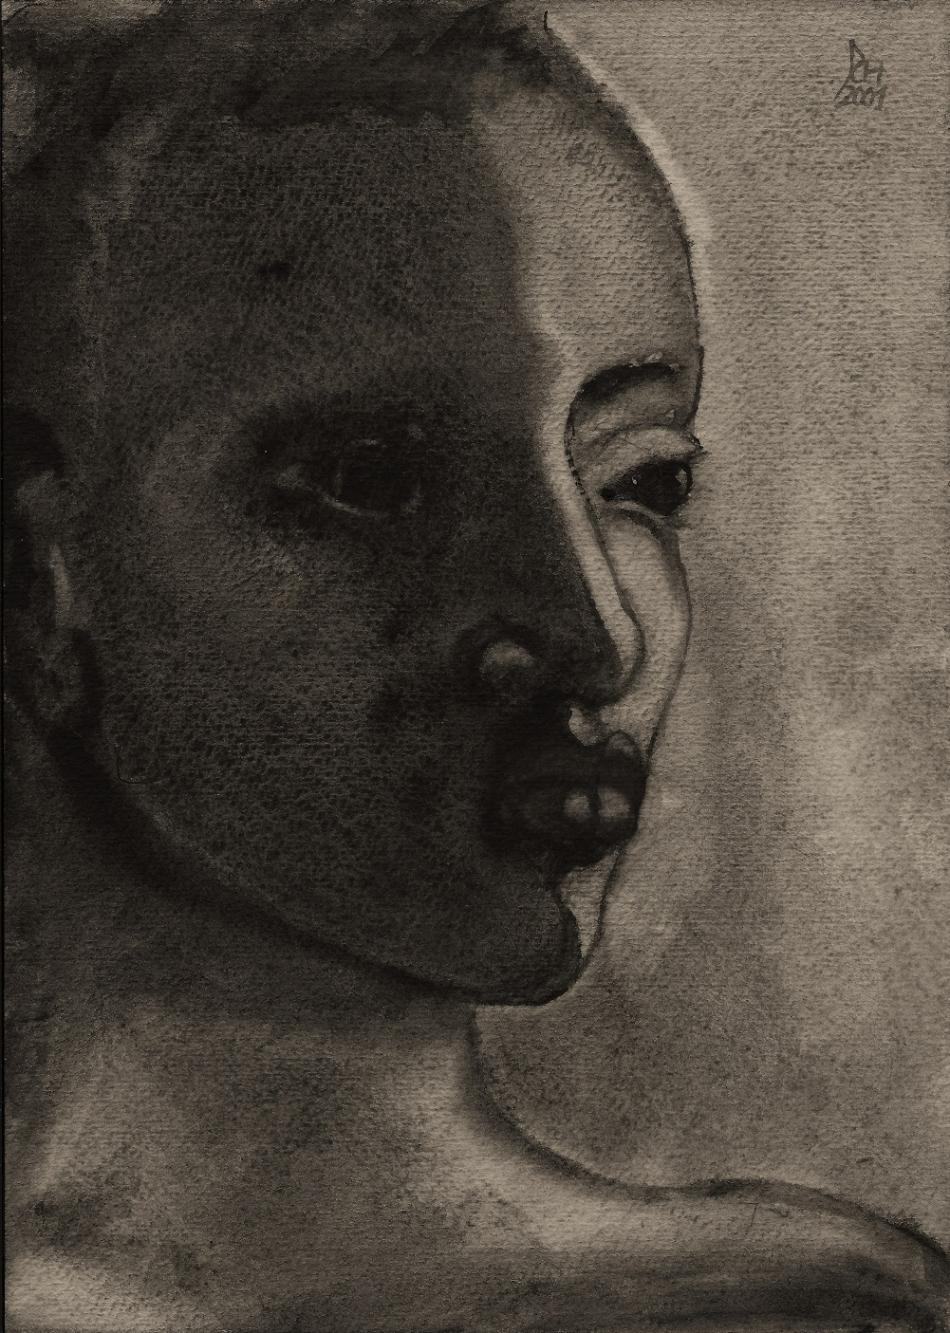 Das zweite Gesicht